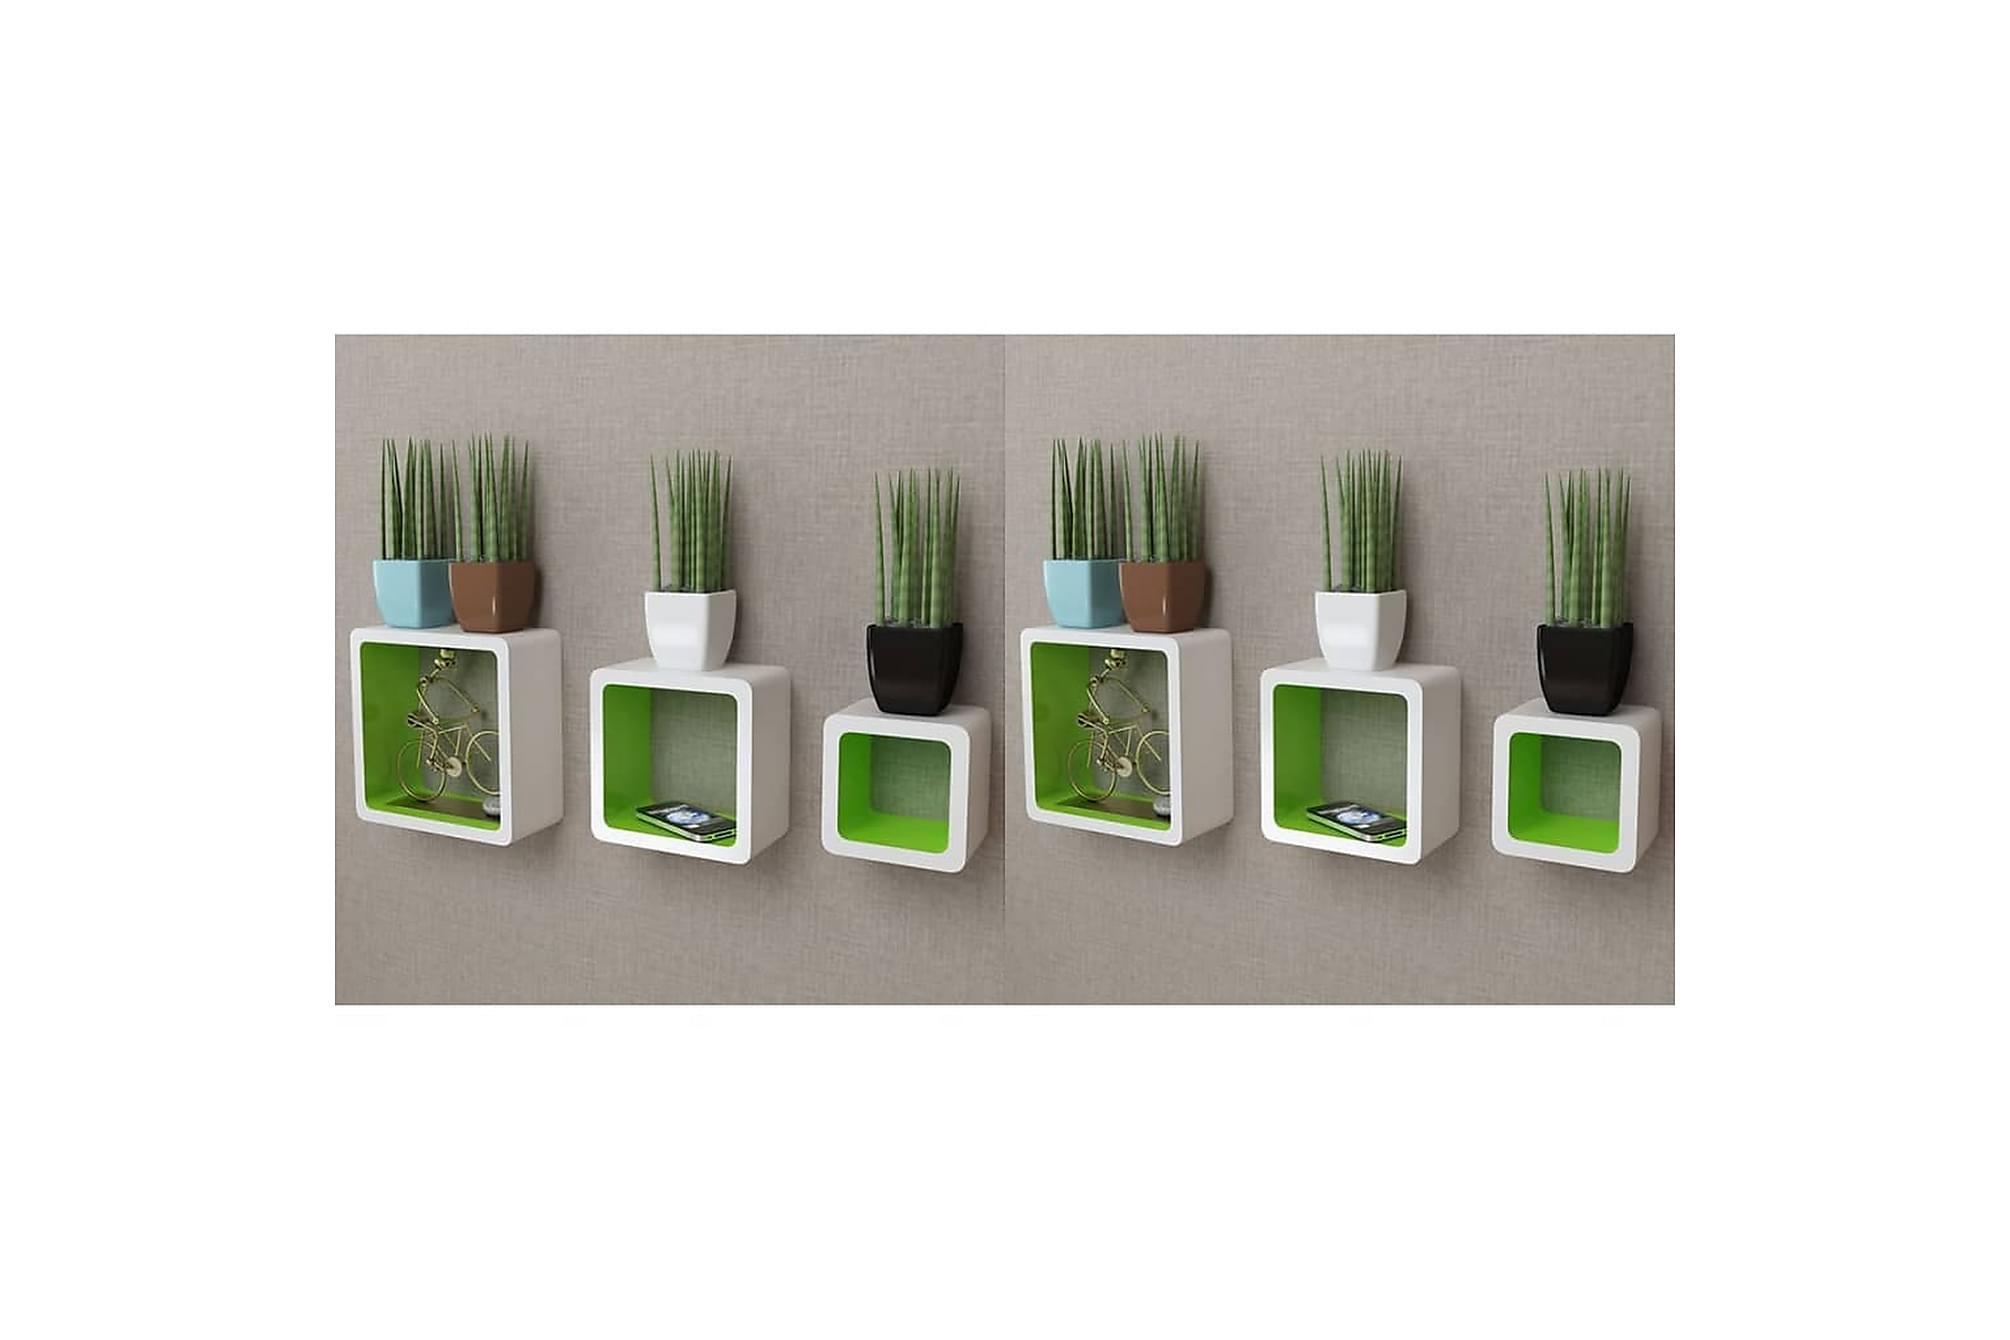 Vägghyllor kub 6 st vit & grön